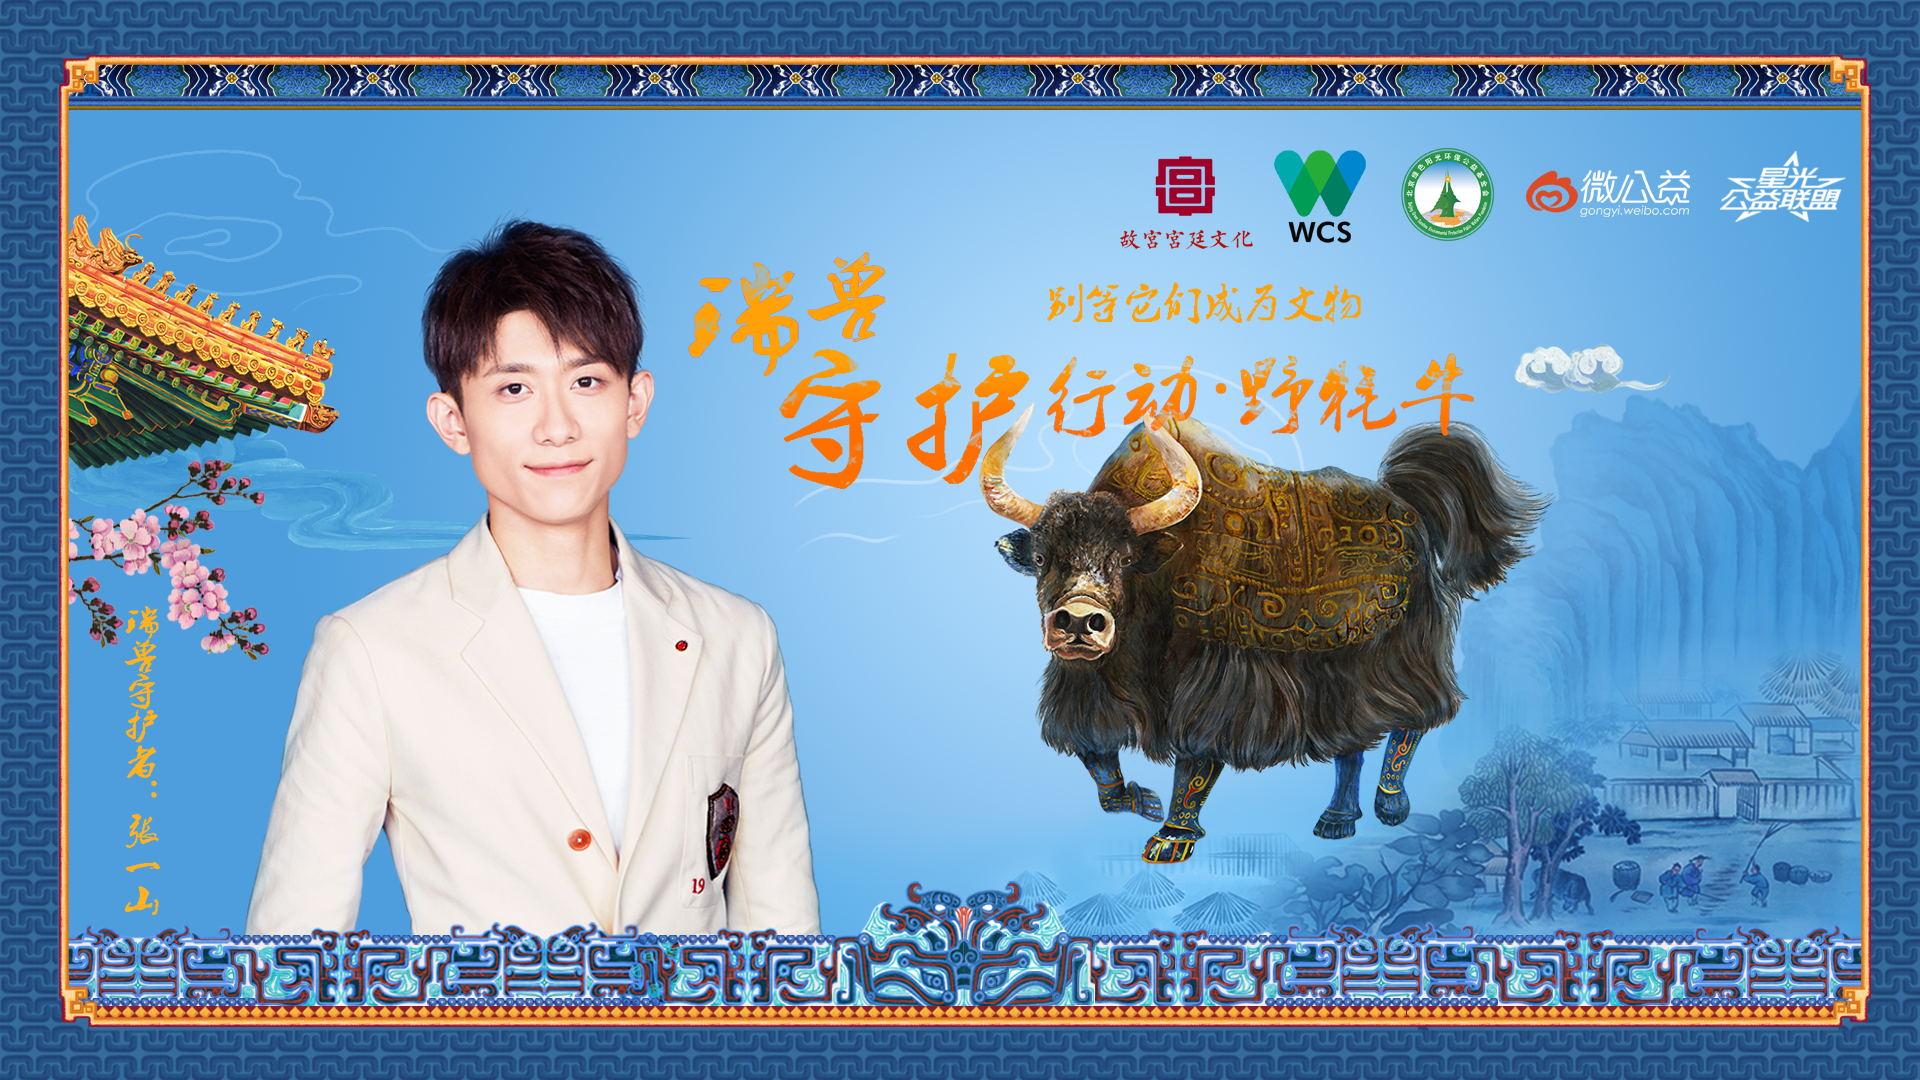 张一山,牦牛,保护野生动物